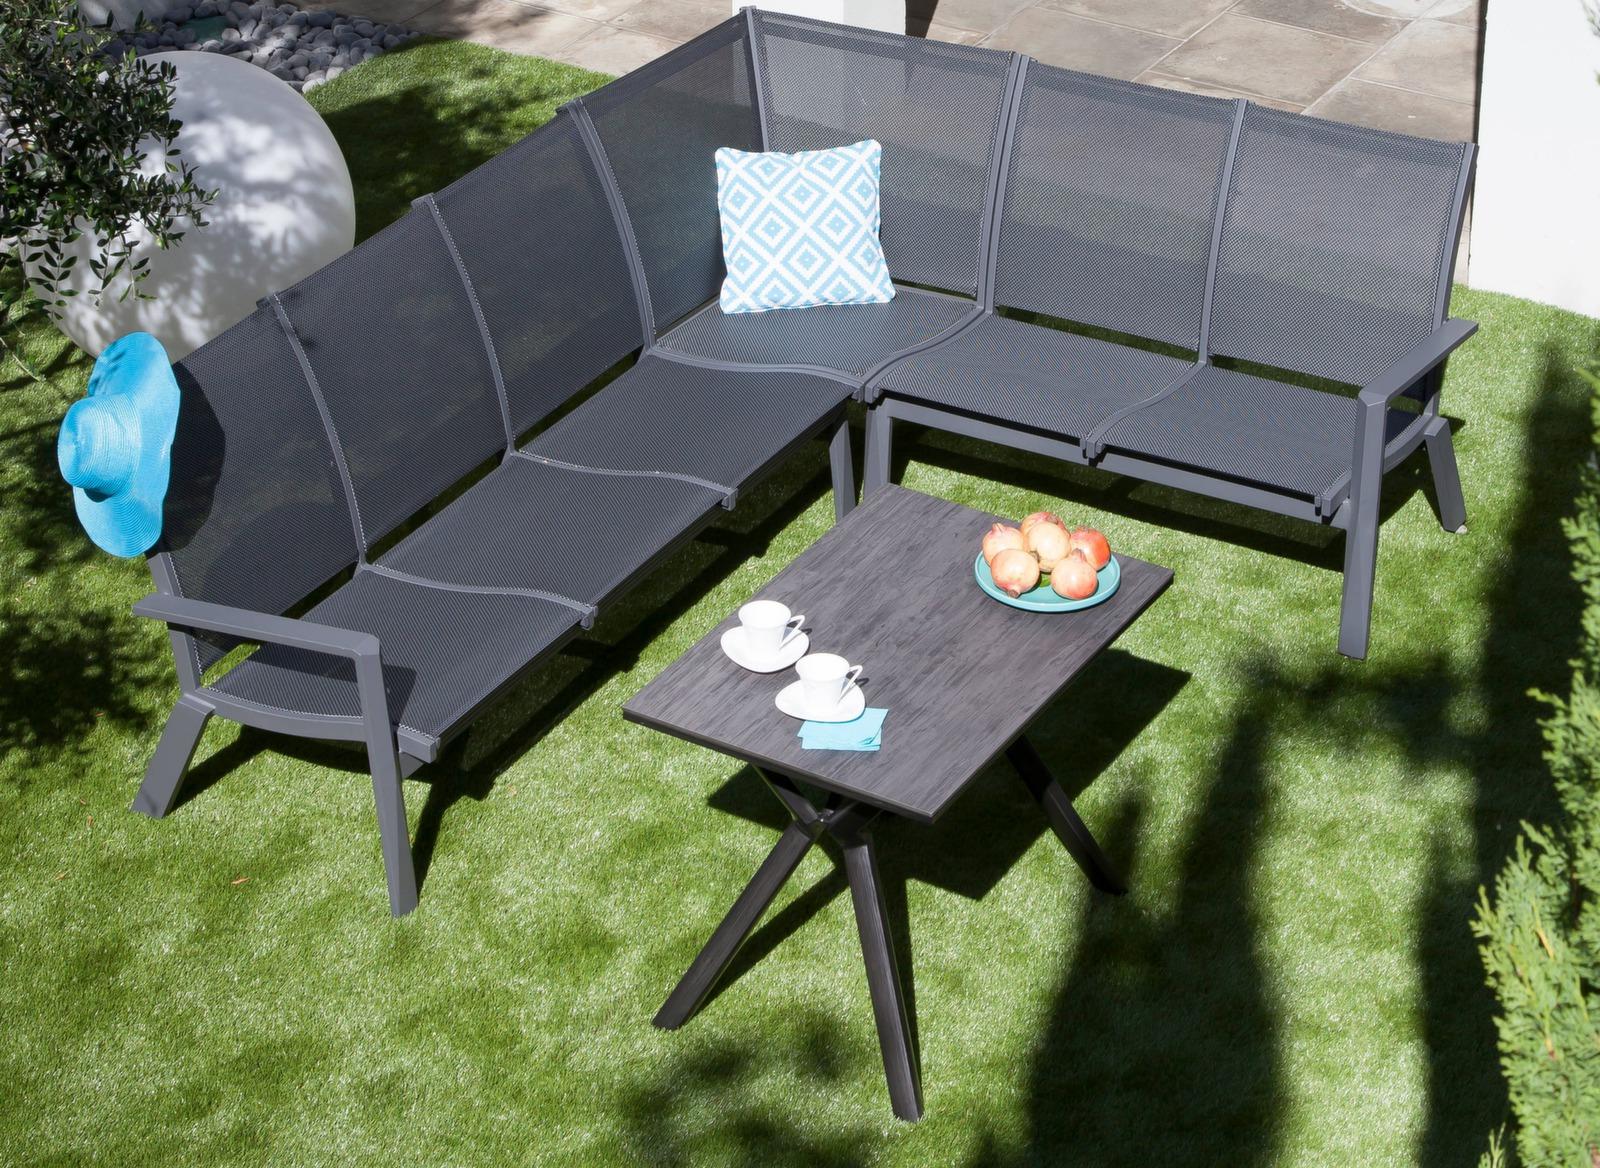 table loane pour salon d 39 angle finition poxy table de jardin meubles de jardin en ligne. Black Bedroom Furniture Sets. Home Design Ideas